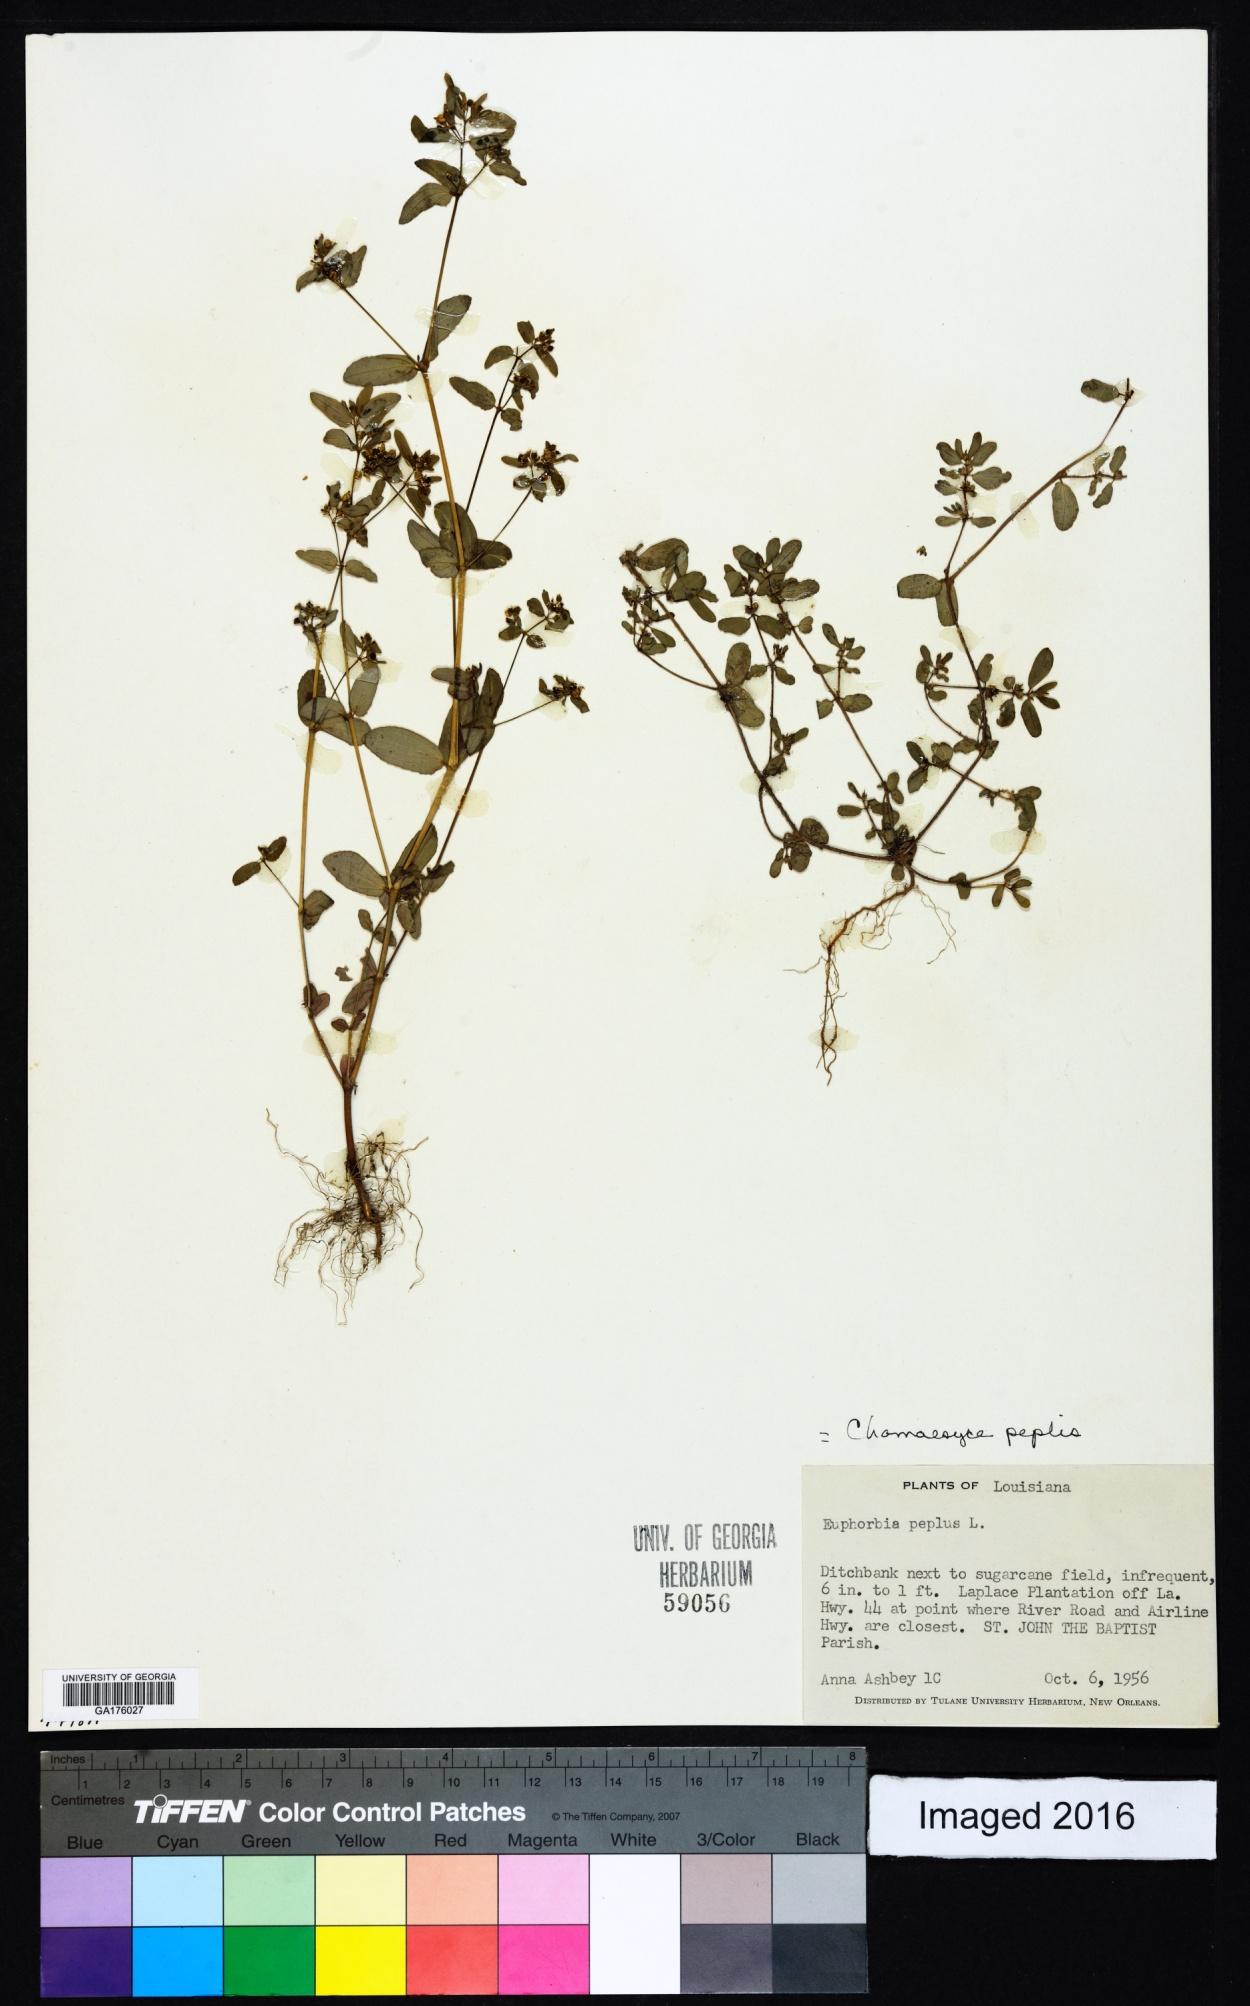 Chamaesyce peplis image